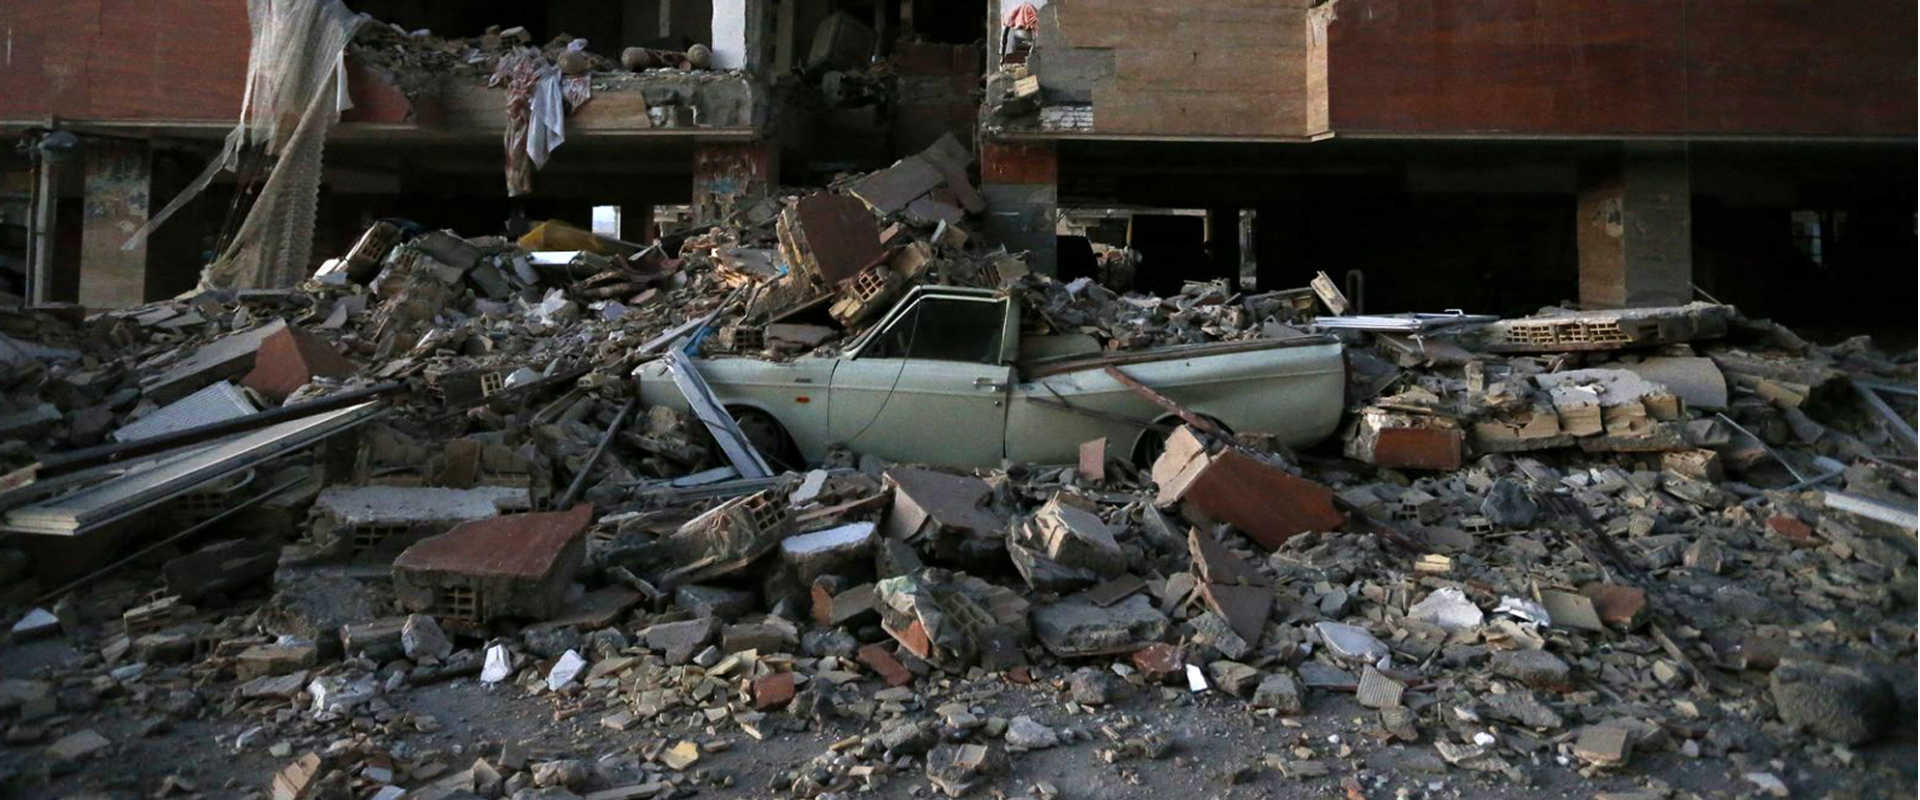 תושבים בבגדאד יצאו מבתיהם כשהרגישו את רעידת האדמה